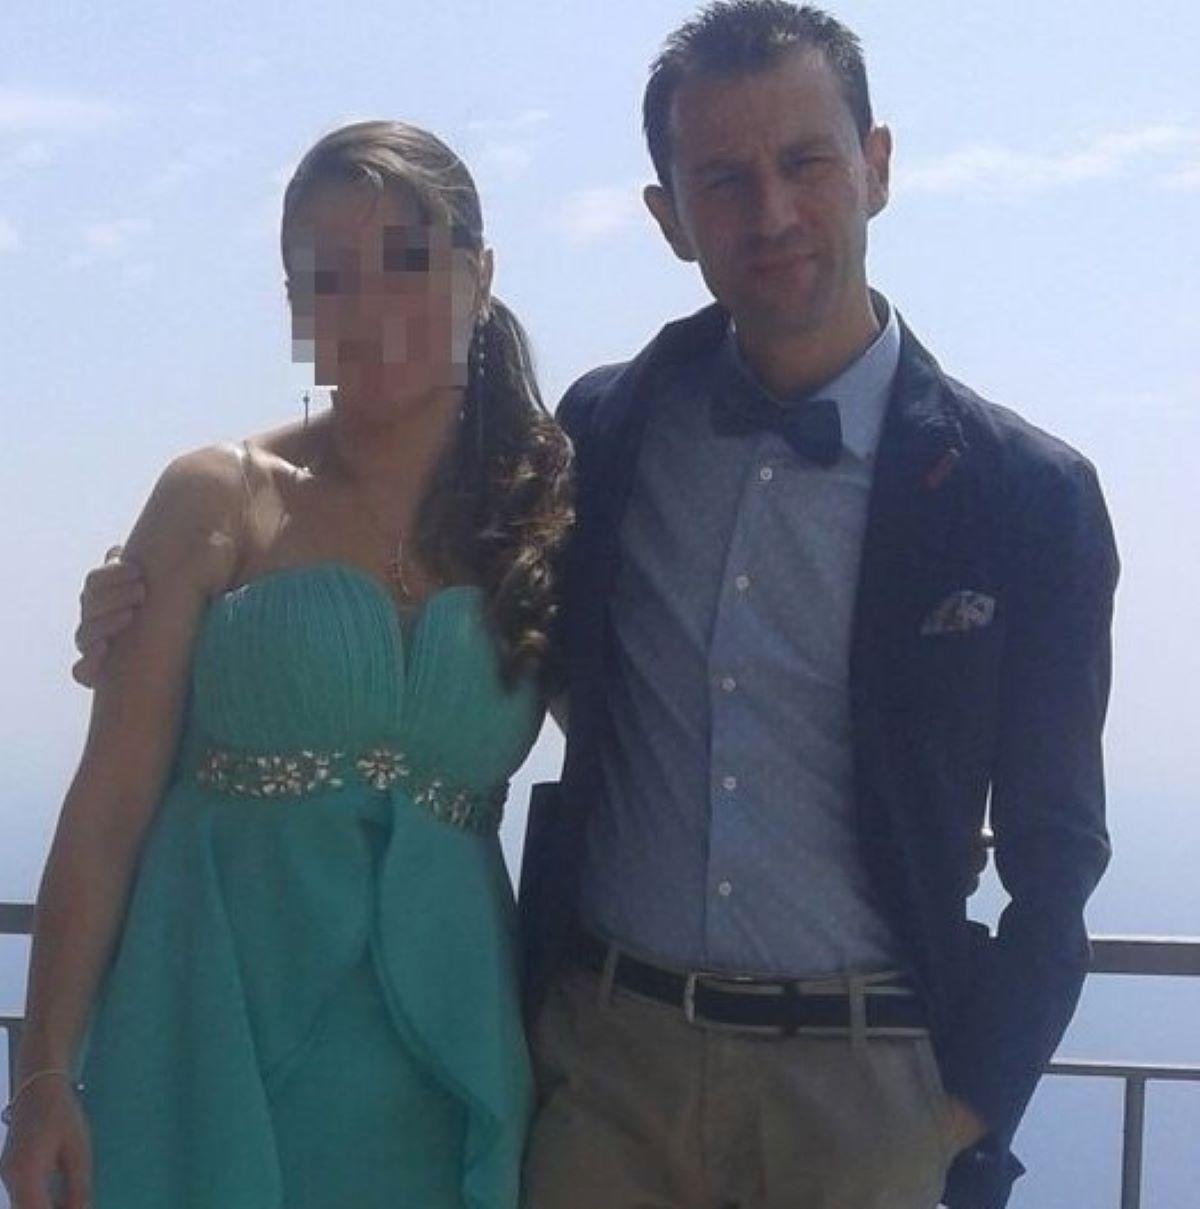 Andrea Acciarino Morto Incidente sul Lavoro Travolto Tir Agerola